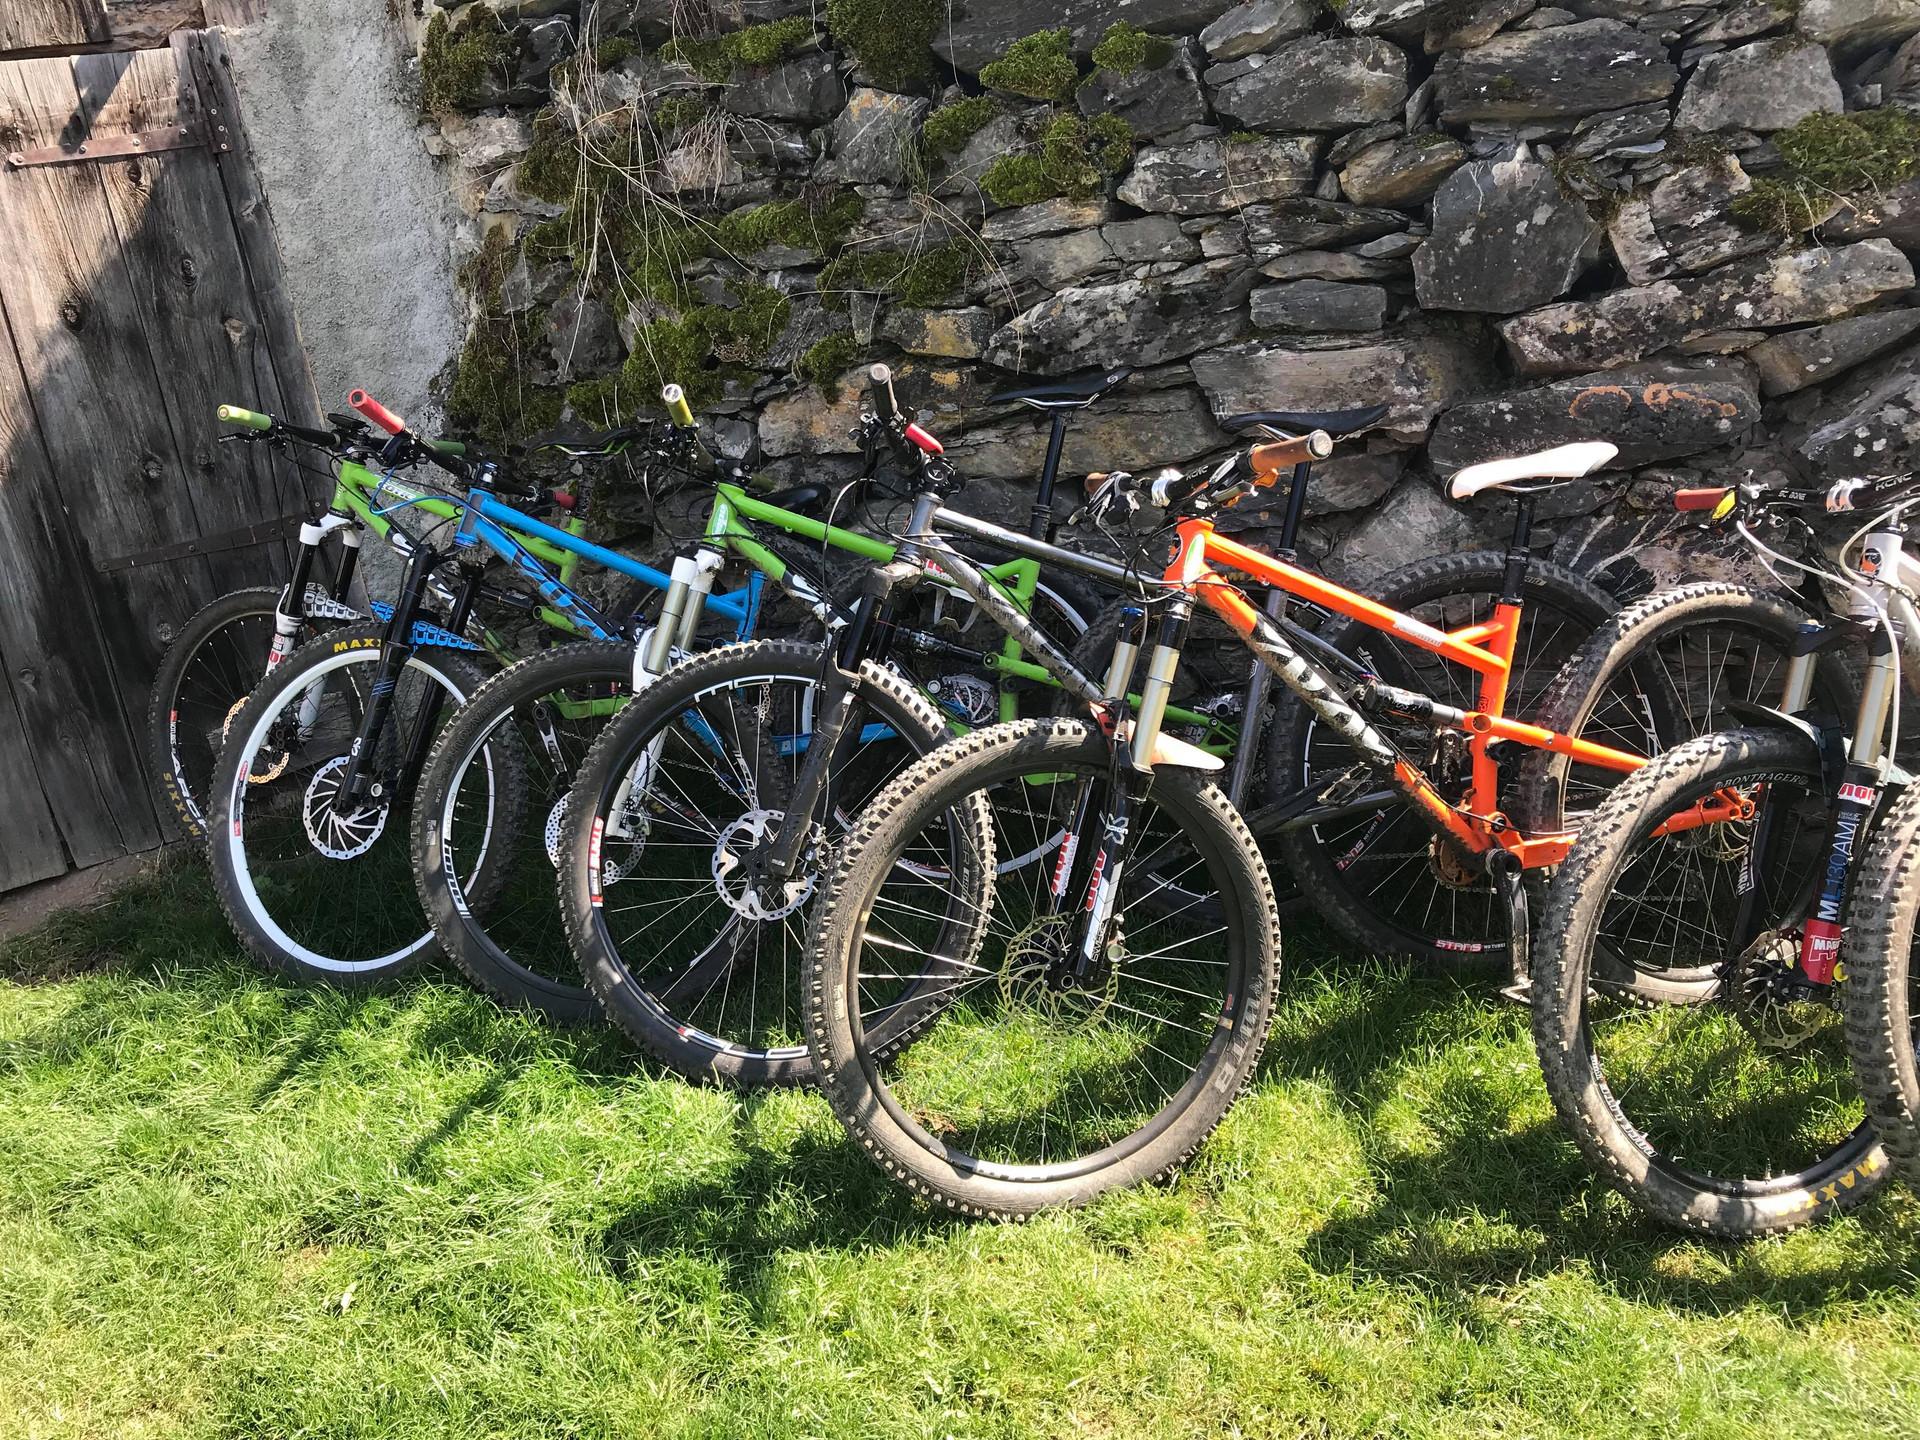 Cotic Full Suspension Bikes